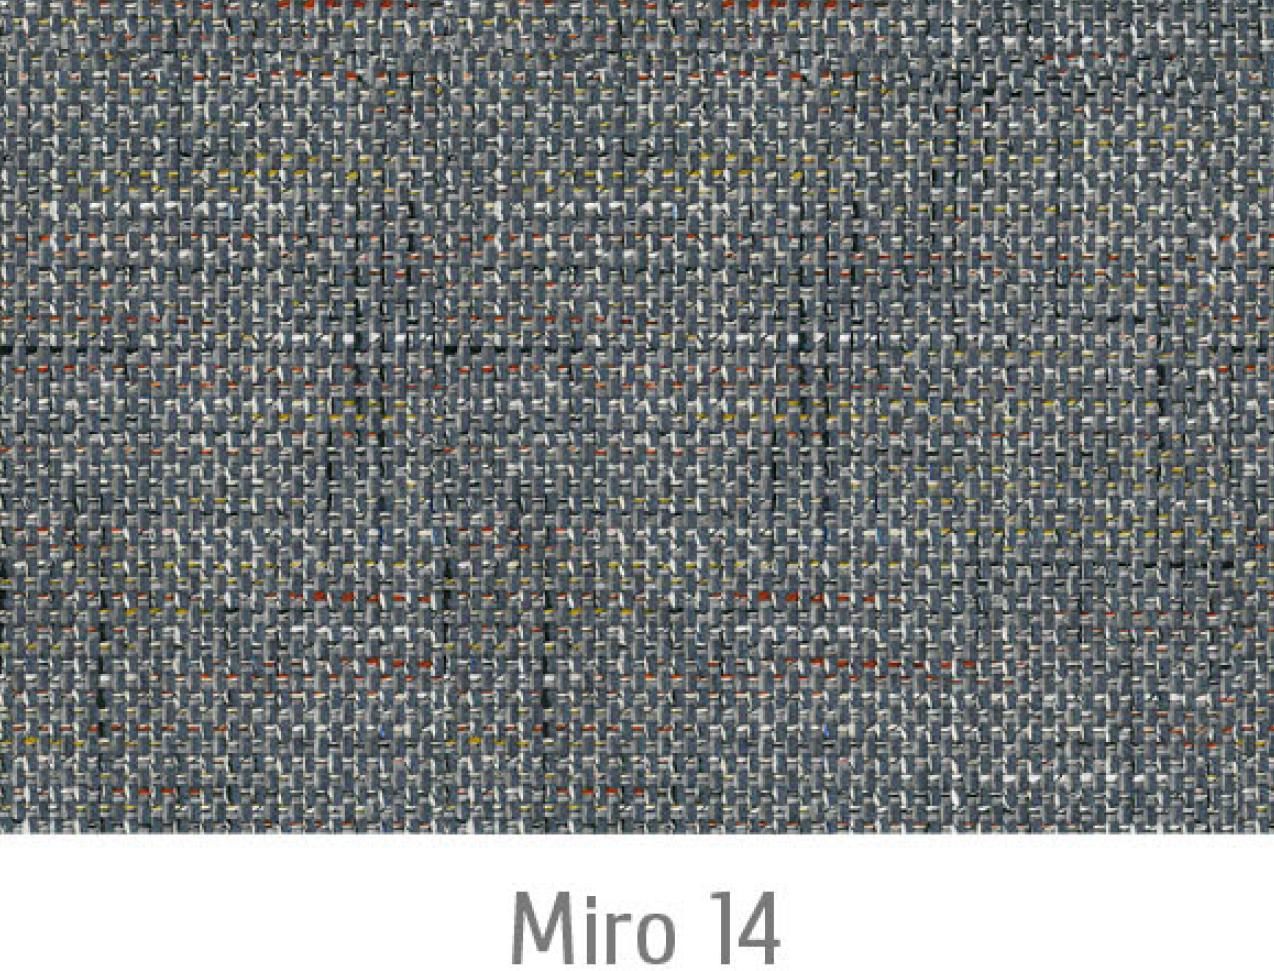 Miro14